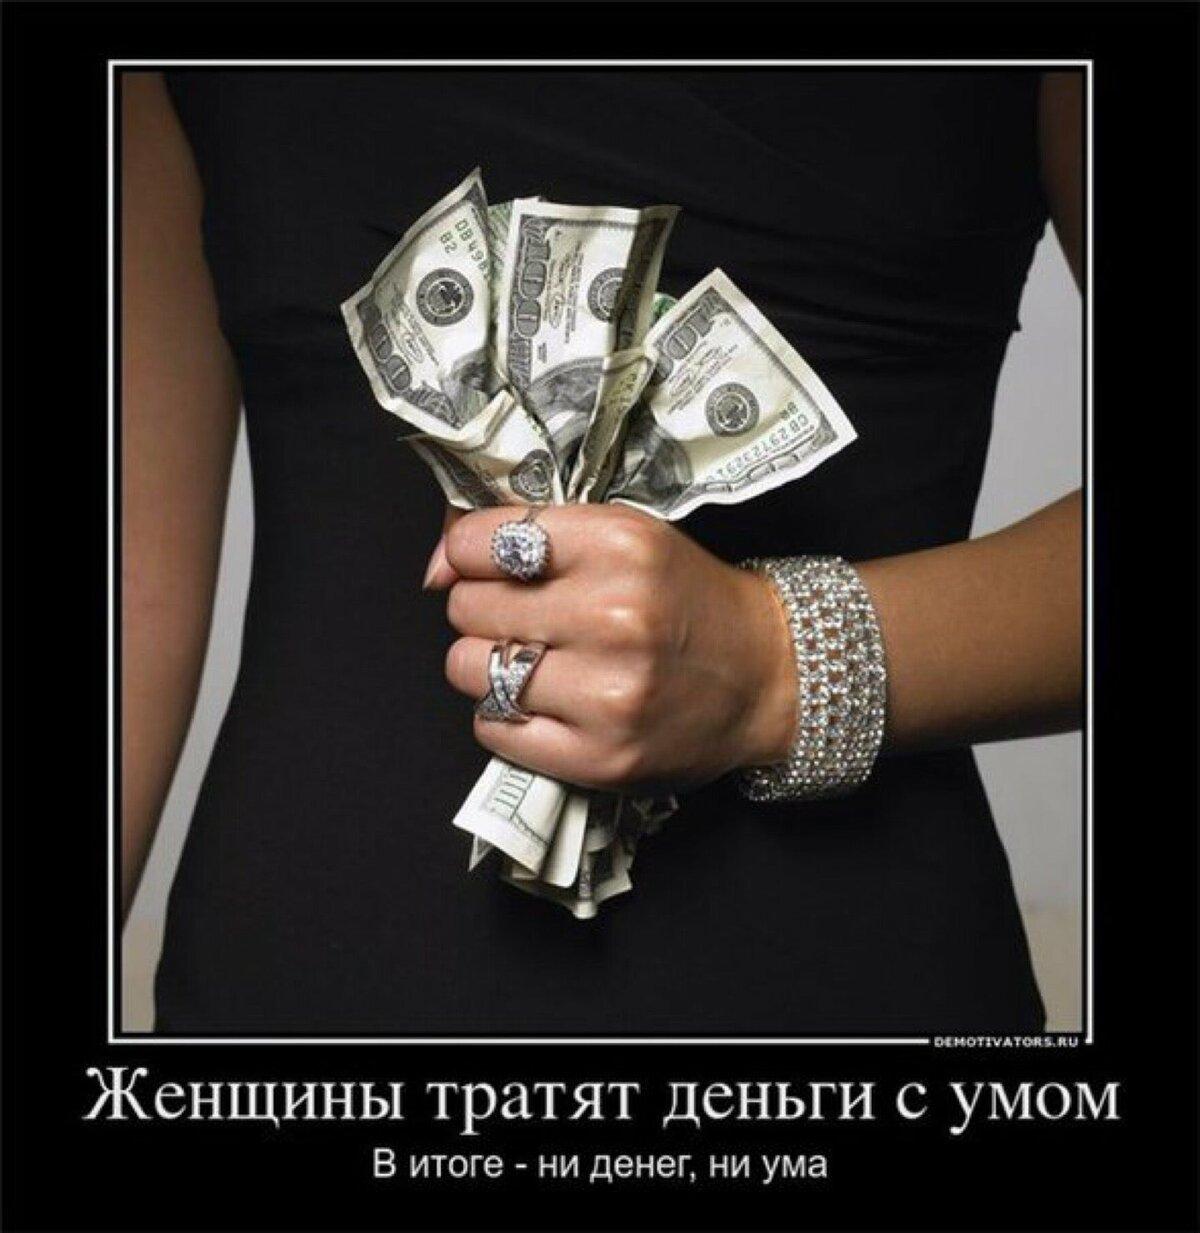 самого картинки как я люблю вас мои денежки использовании зависит